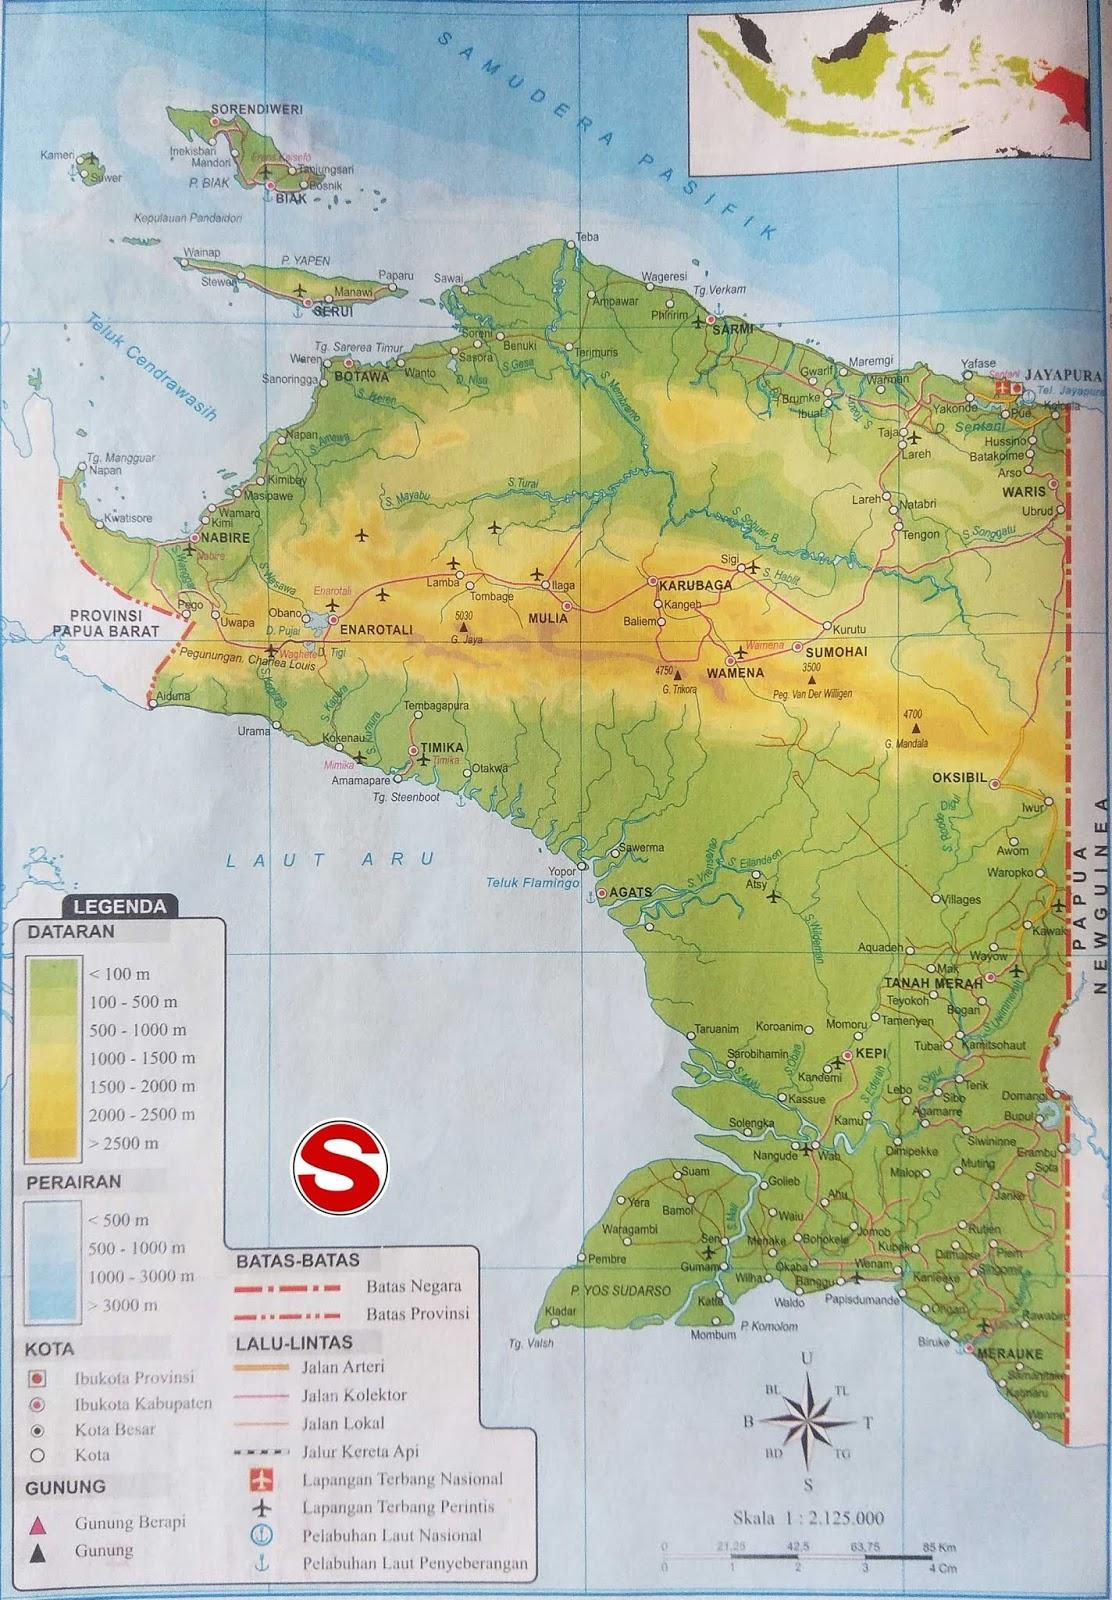 Peta Atlas Provinsi Papua di bawah ini mencakup peta dataran Peta Atlas Provinsi Papua